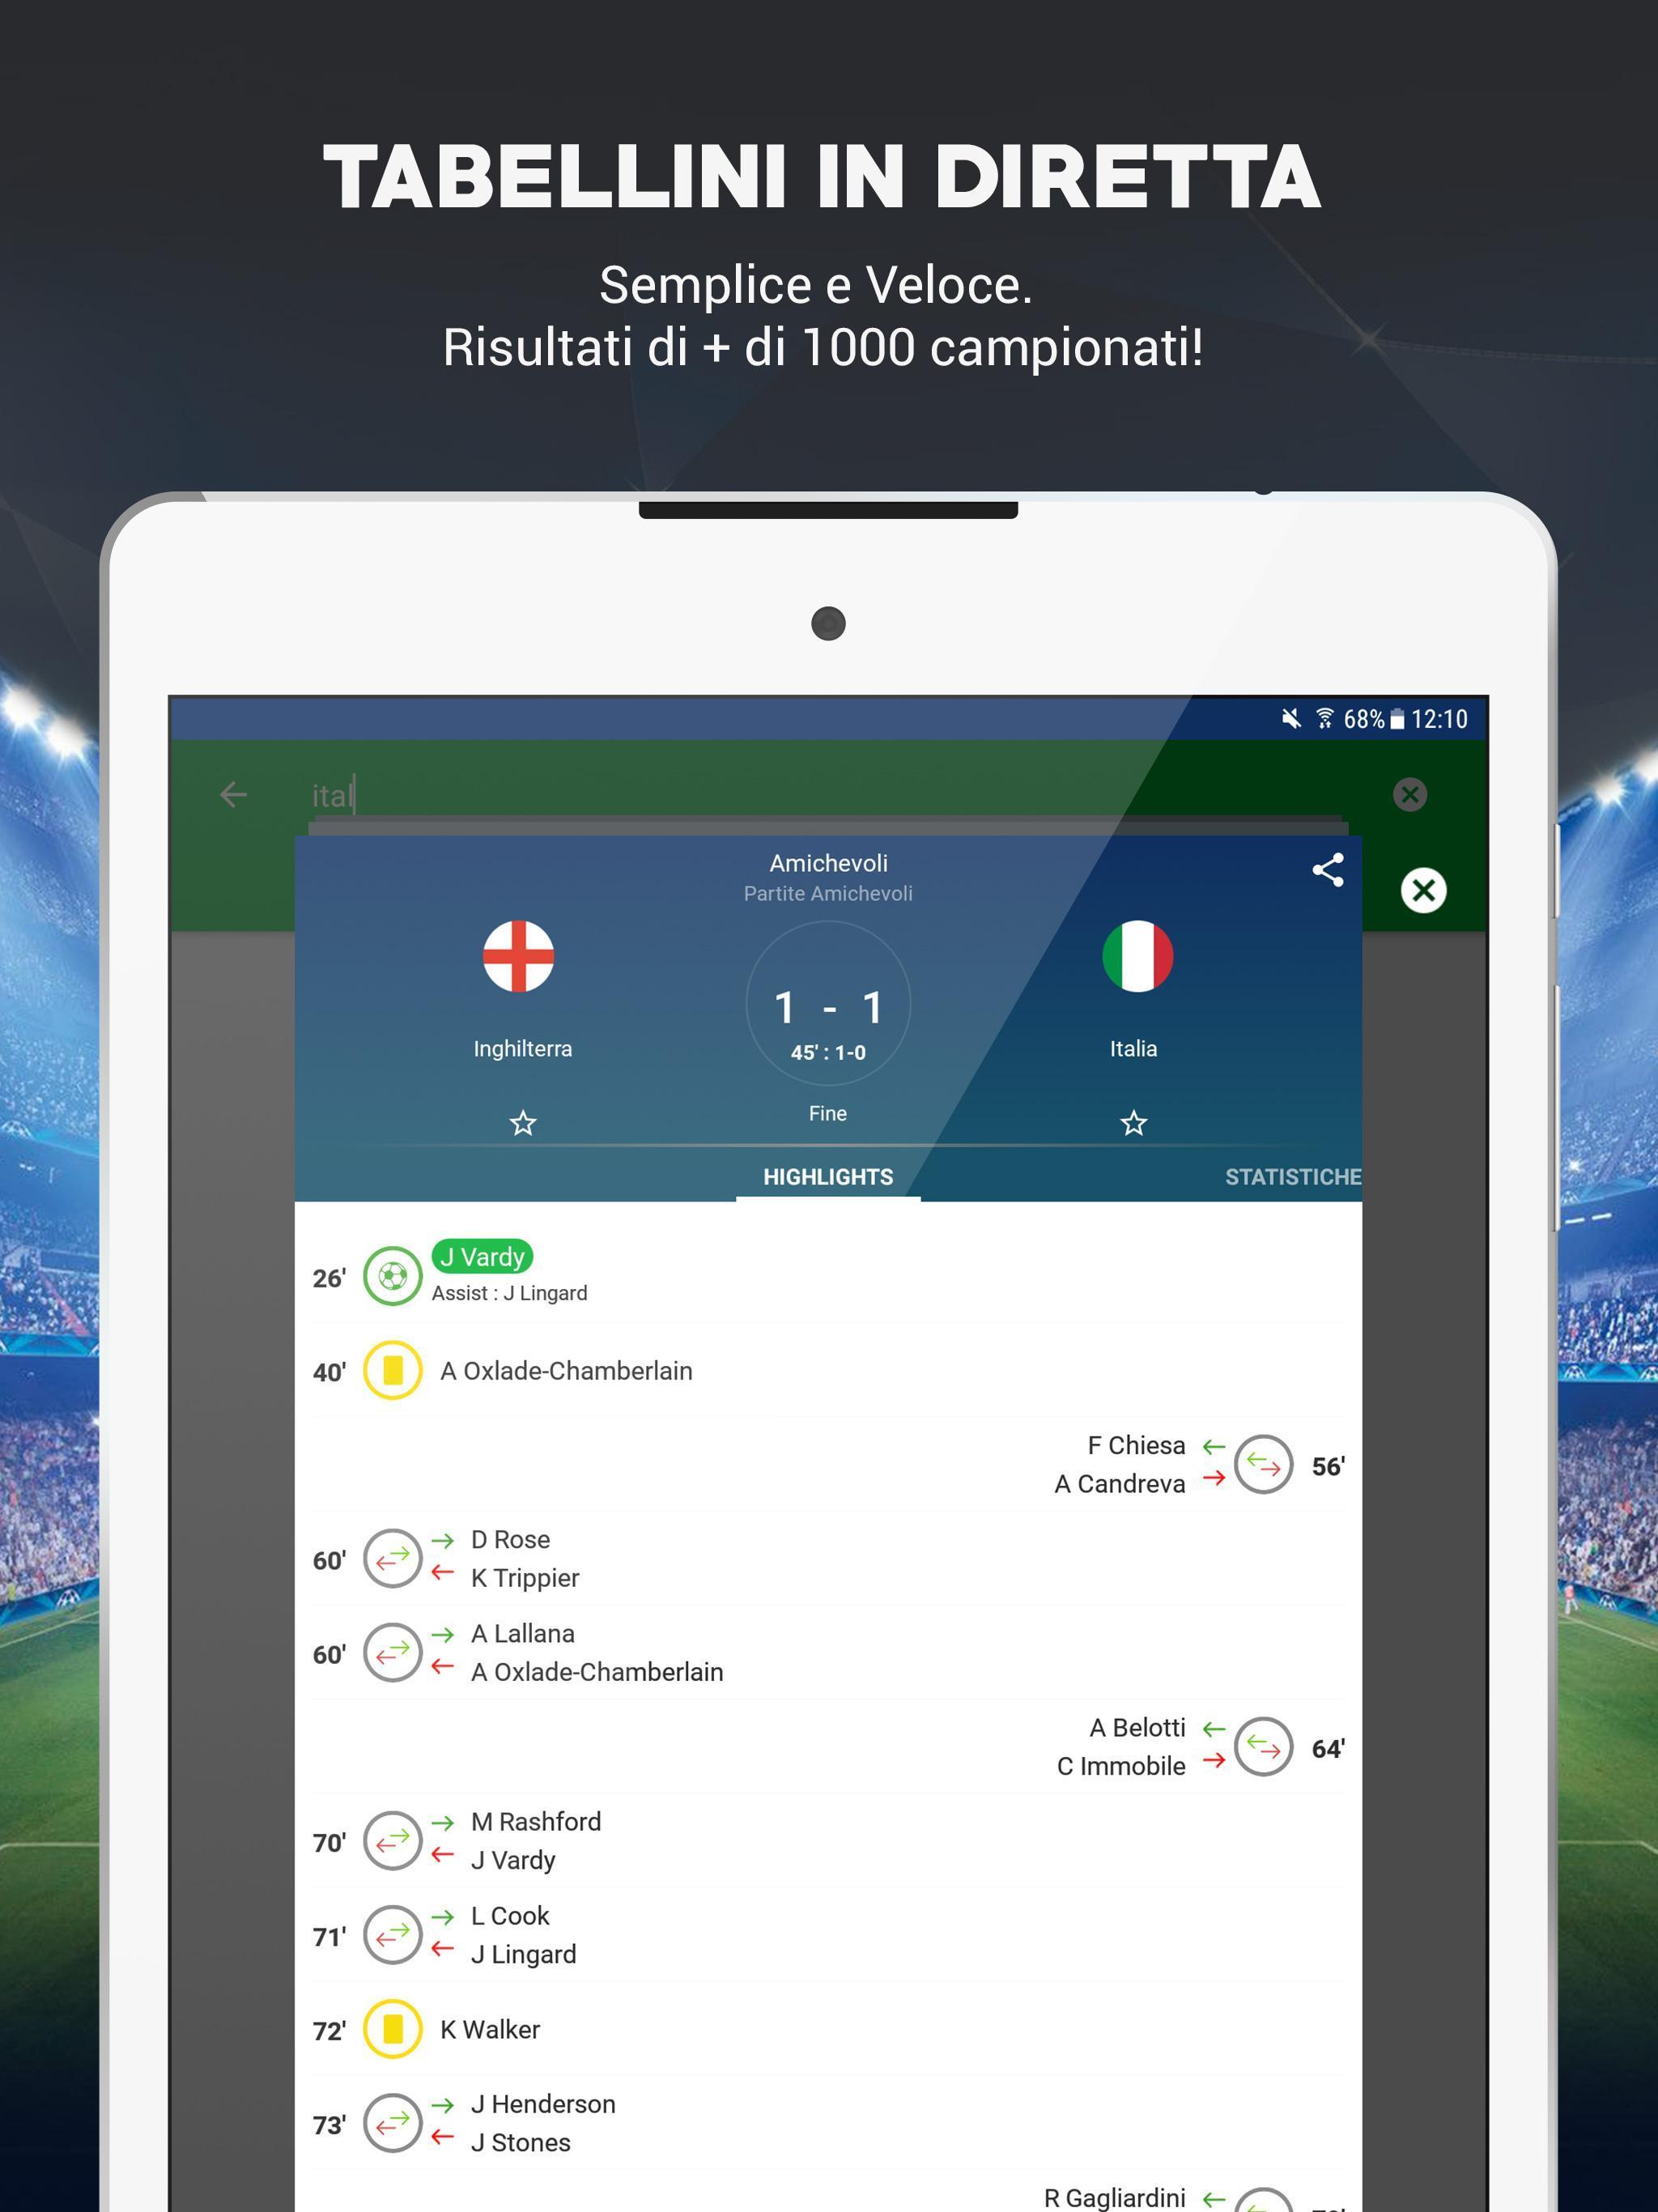 Skores Calcio In Diretta Risultati Calcio 2020 For Android Apk Download